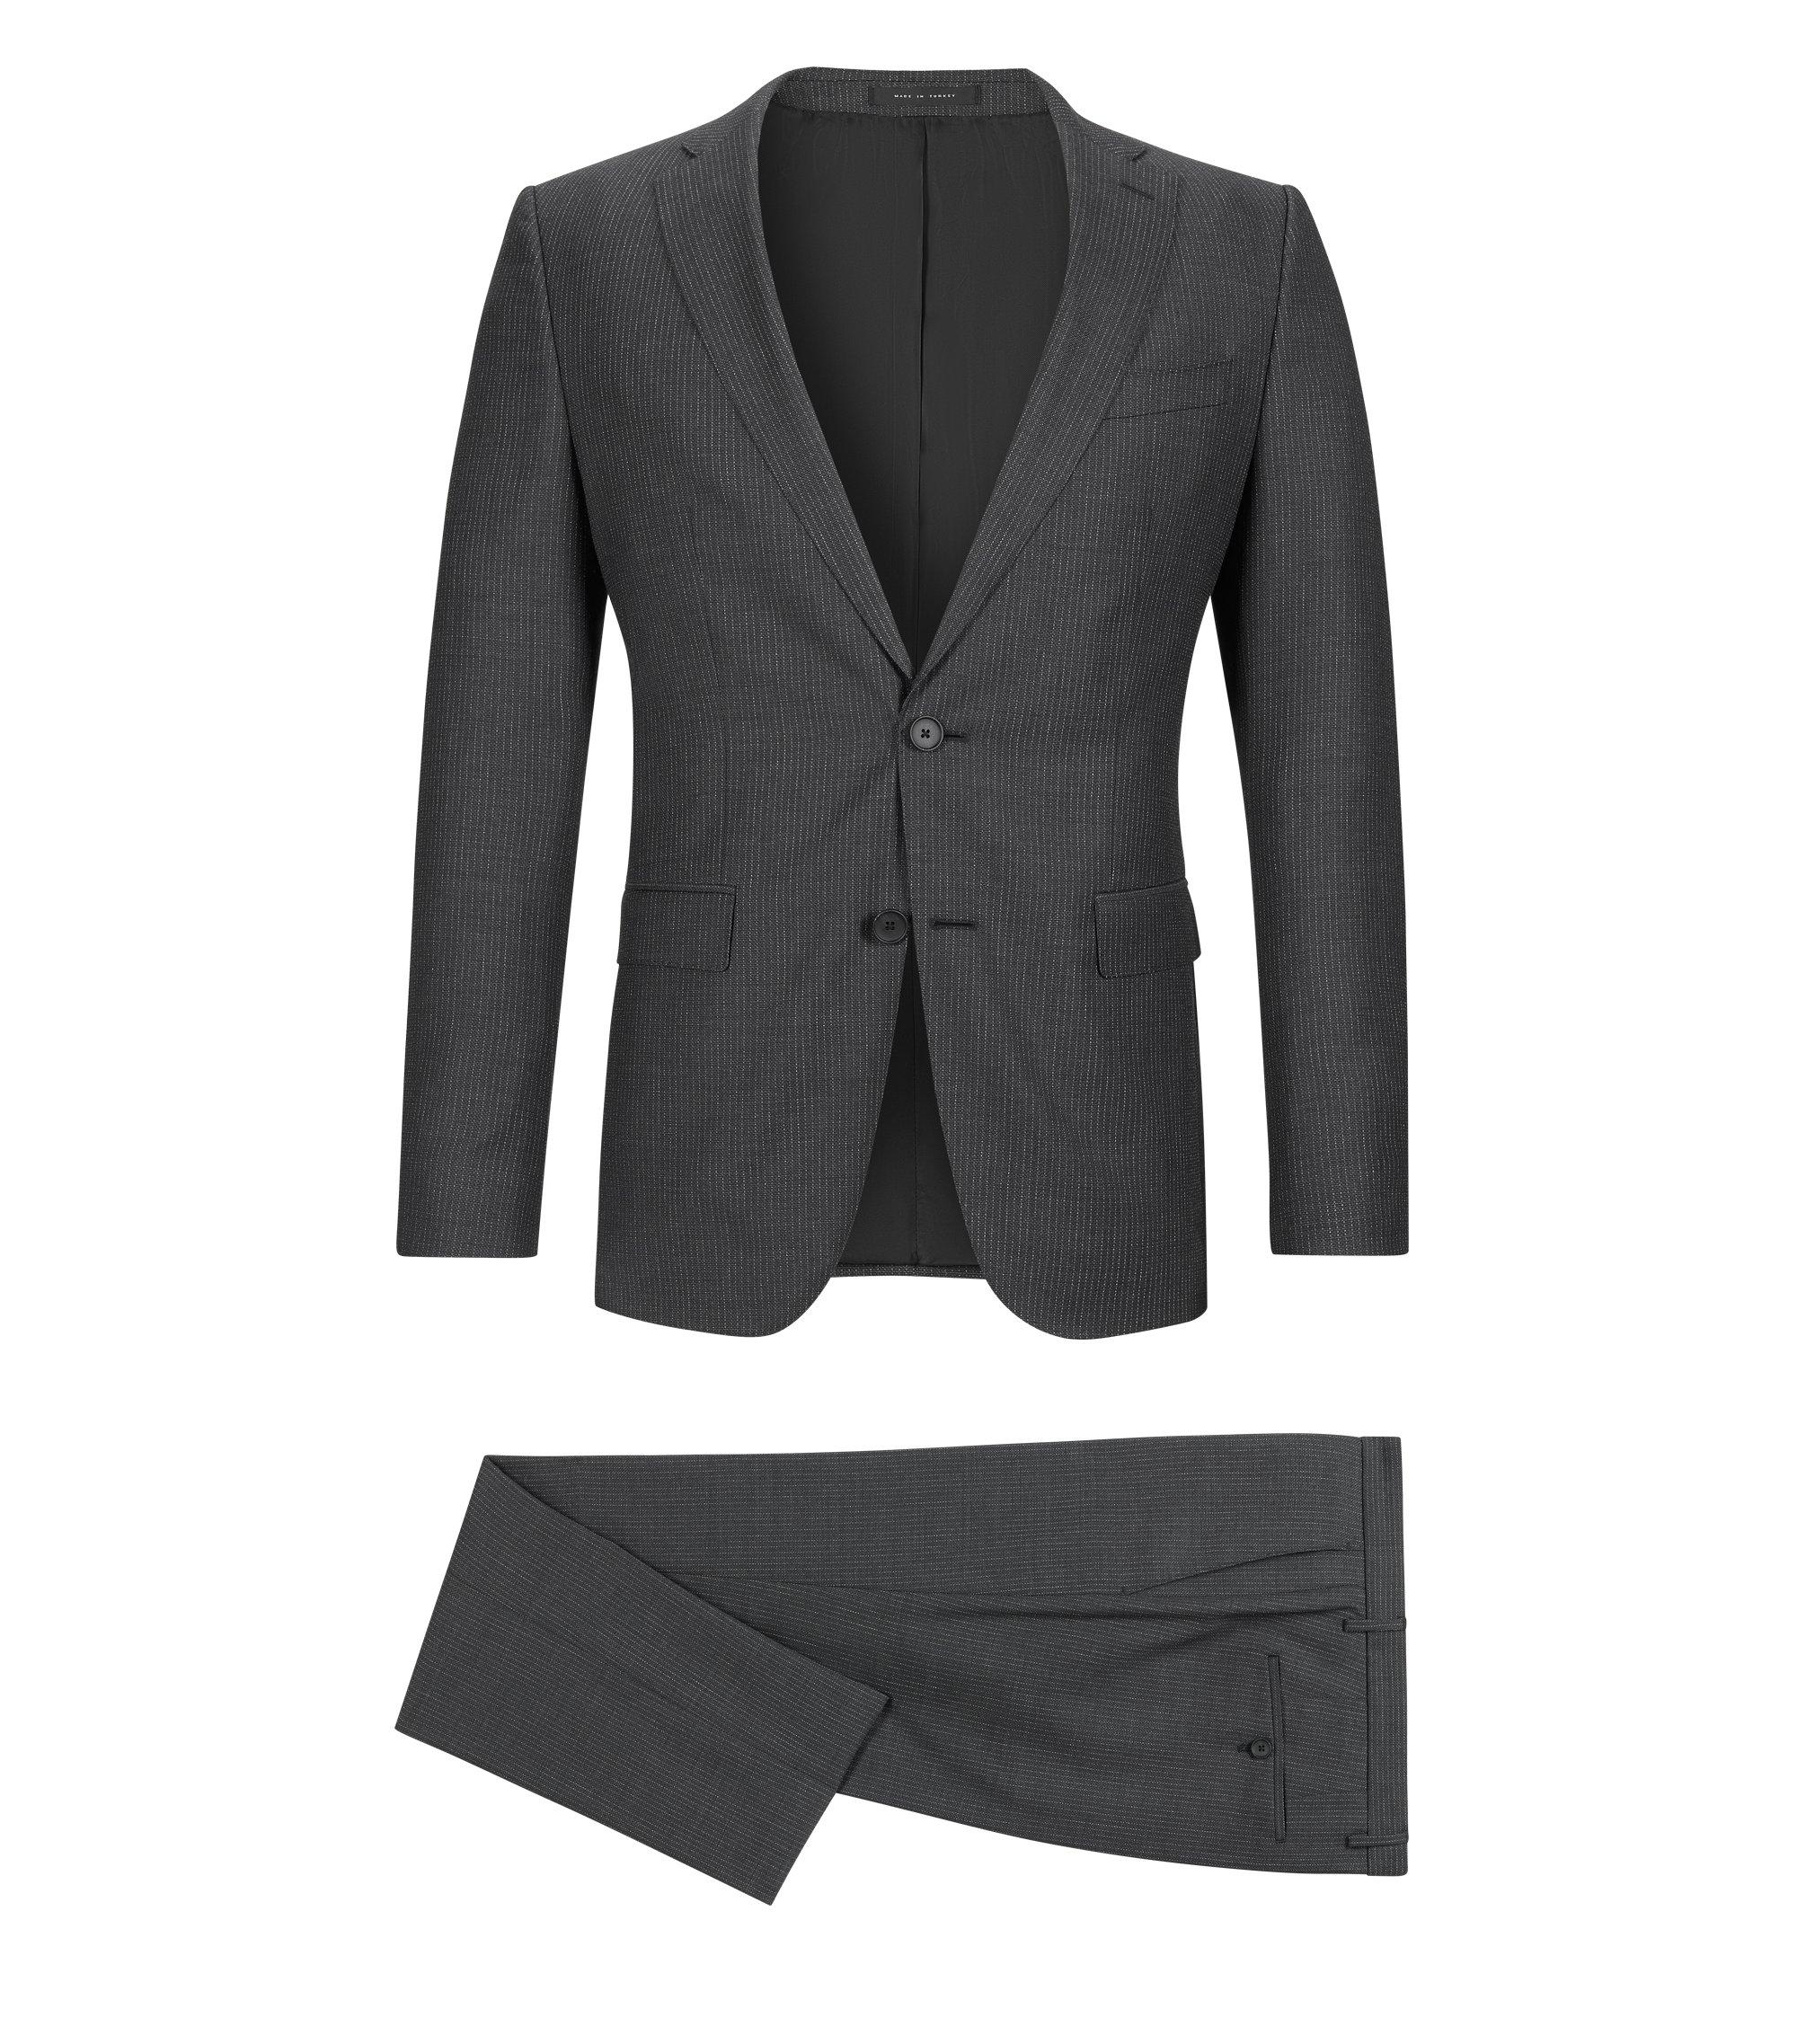 Italian Virgin Wool Suit, Slim Fit | Novan/Ben, Grey